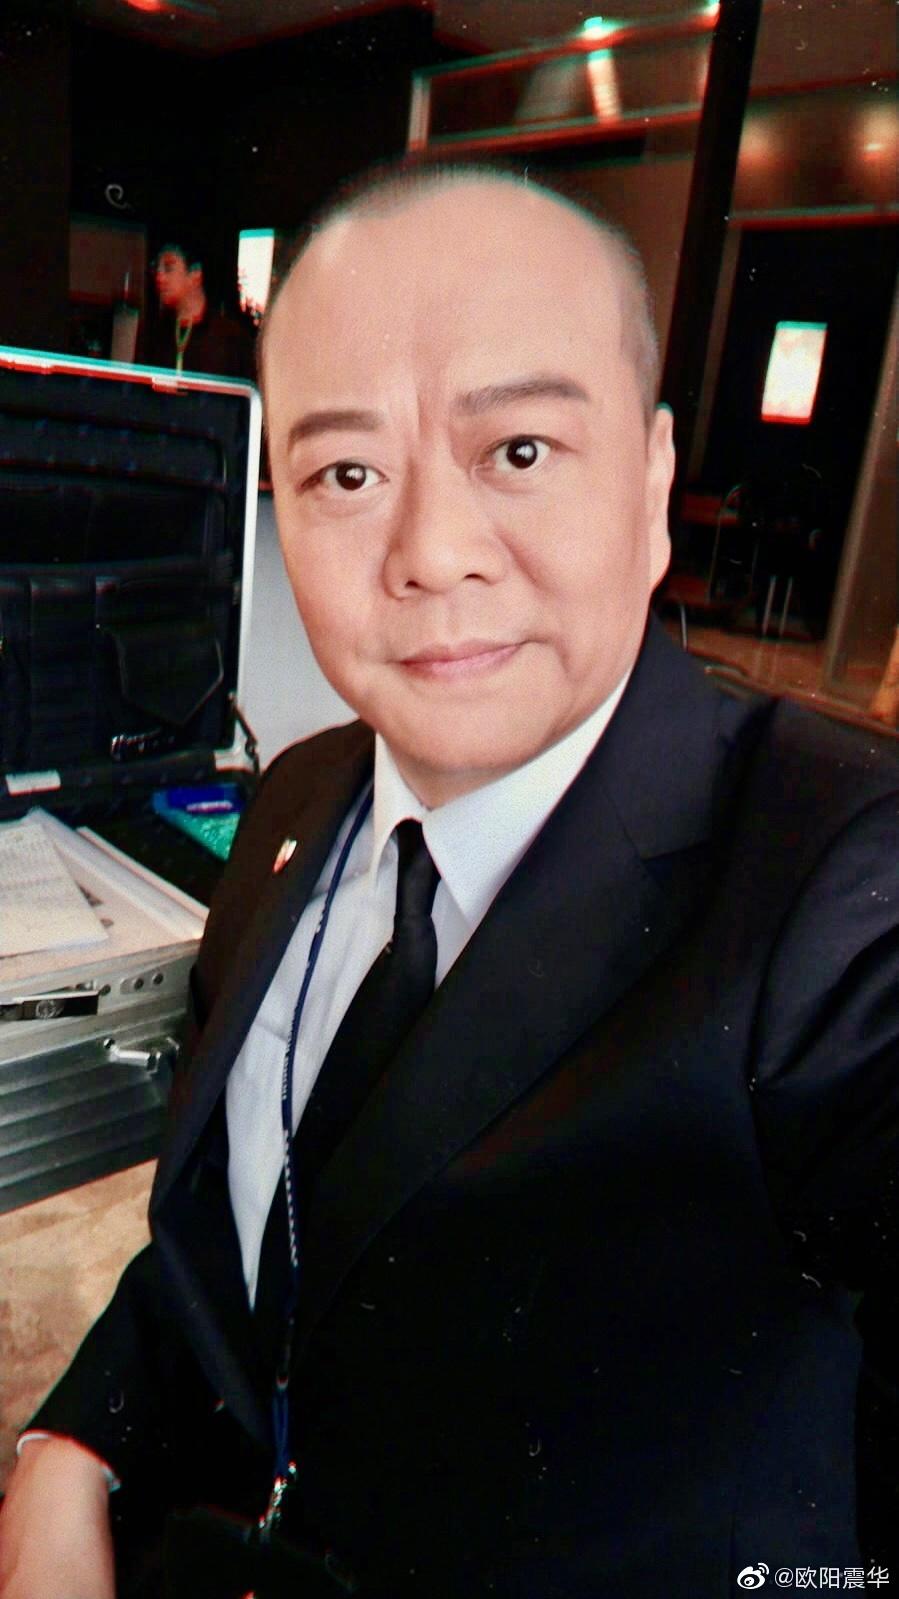 TVB明年新剧,仍是欧阳震华苗侨伟陈豪等老将挑大梁